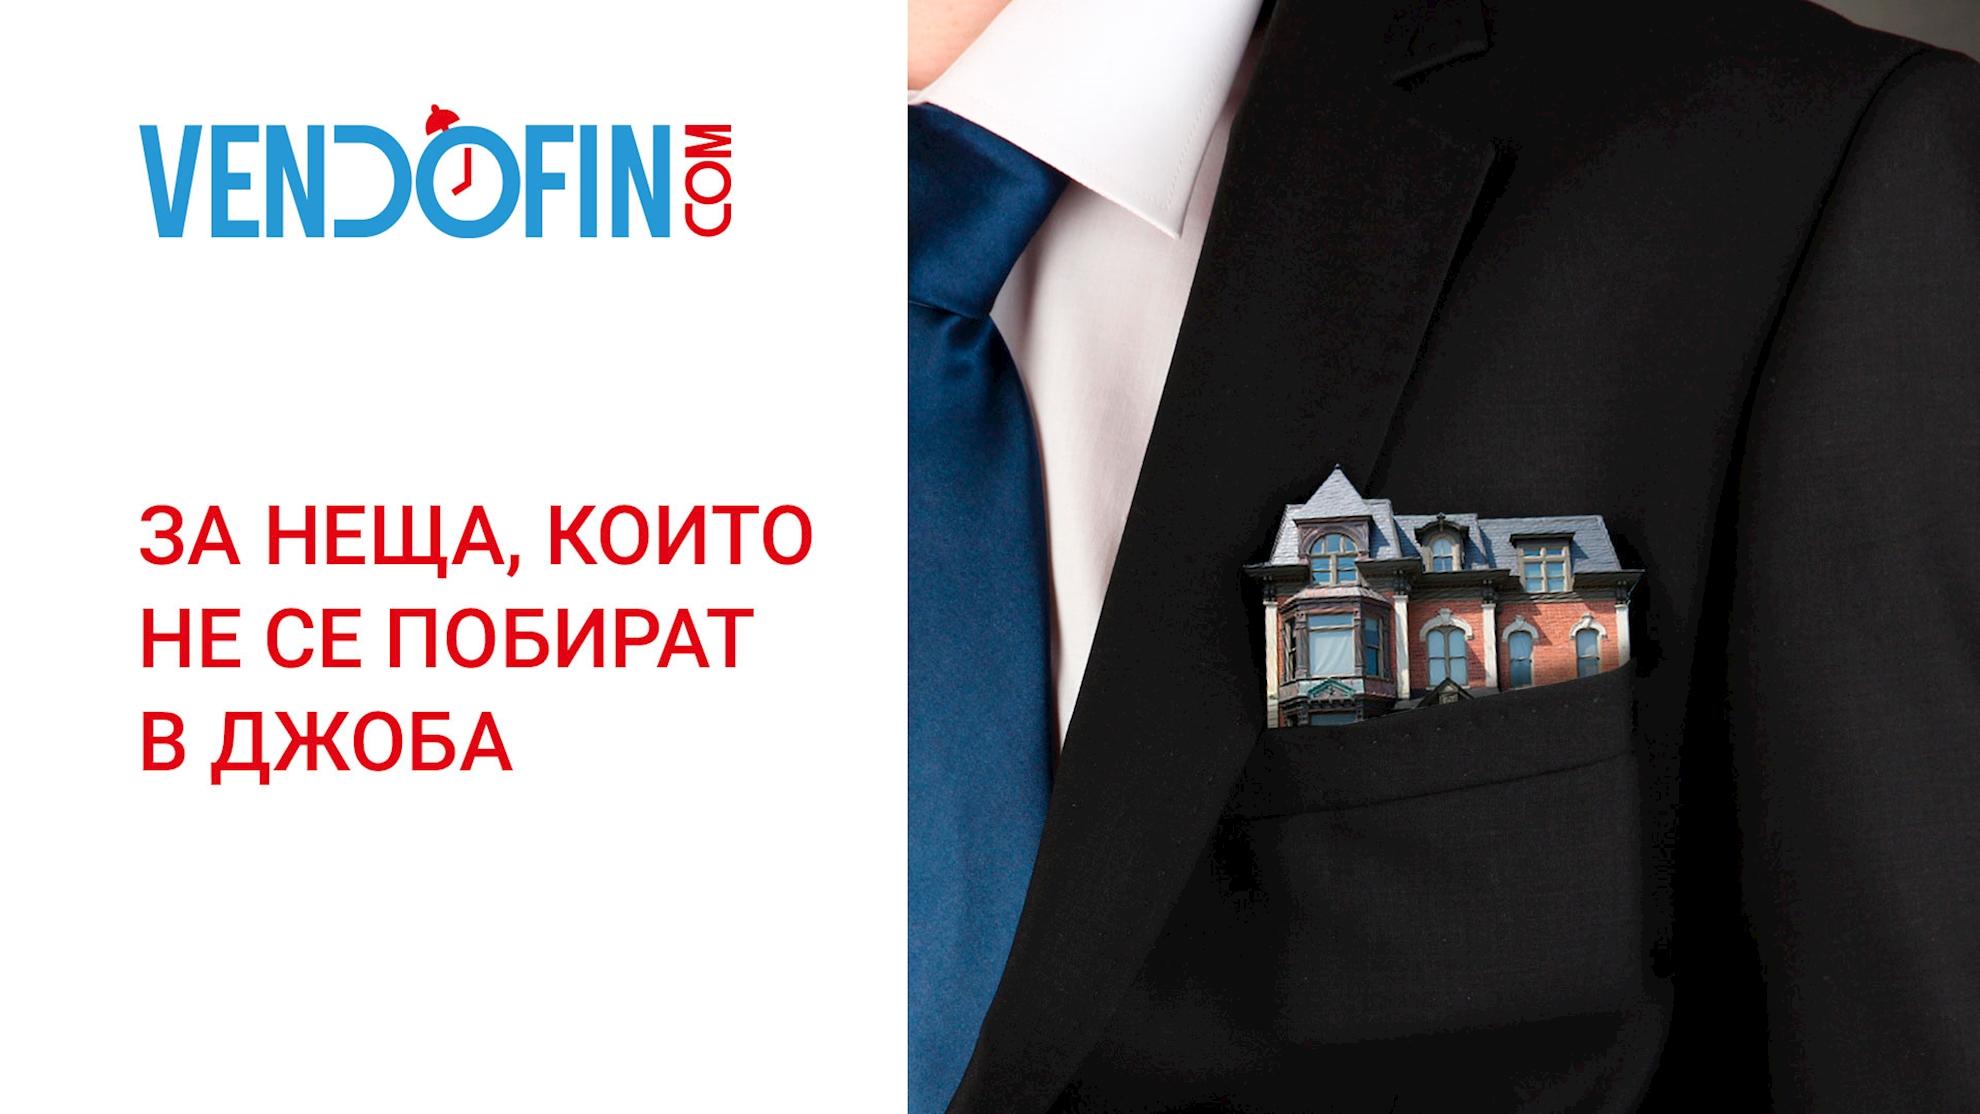 Vendofin_pocket.png